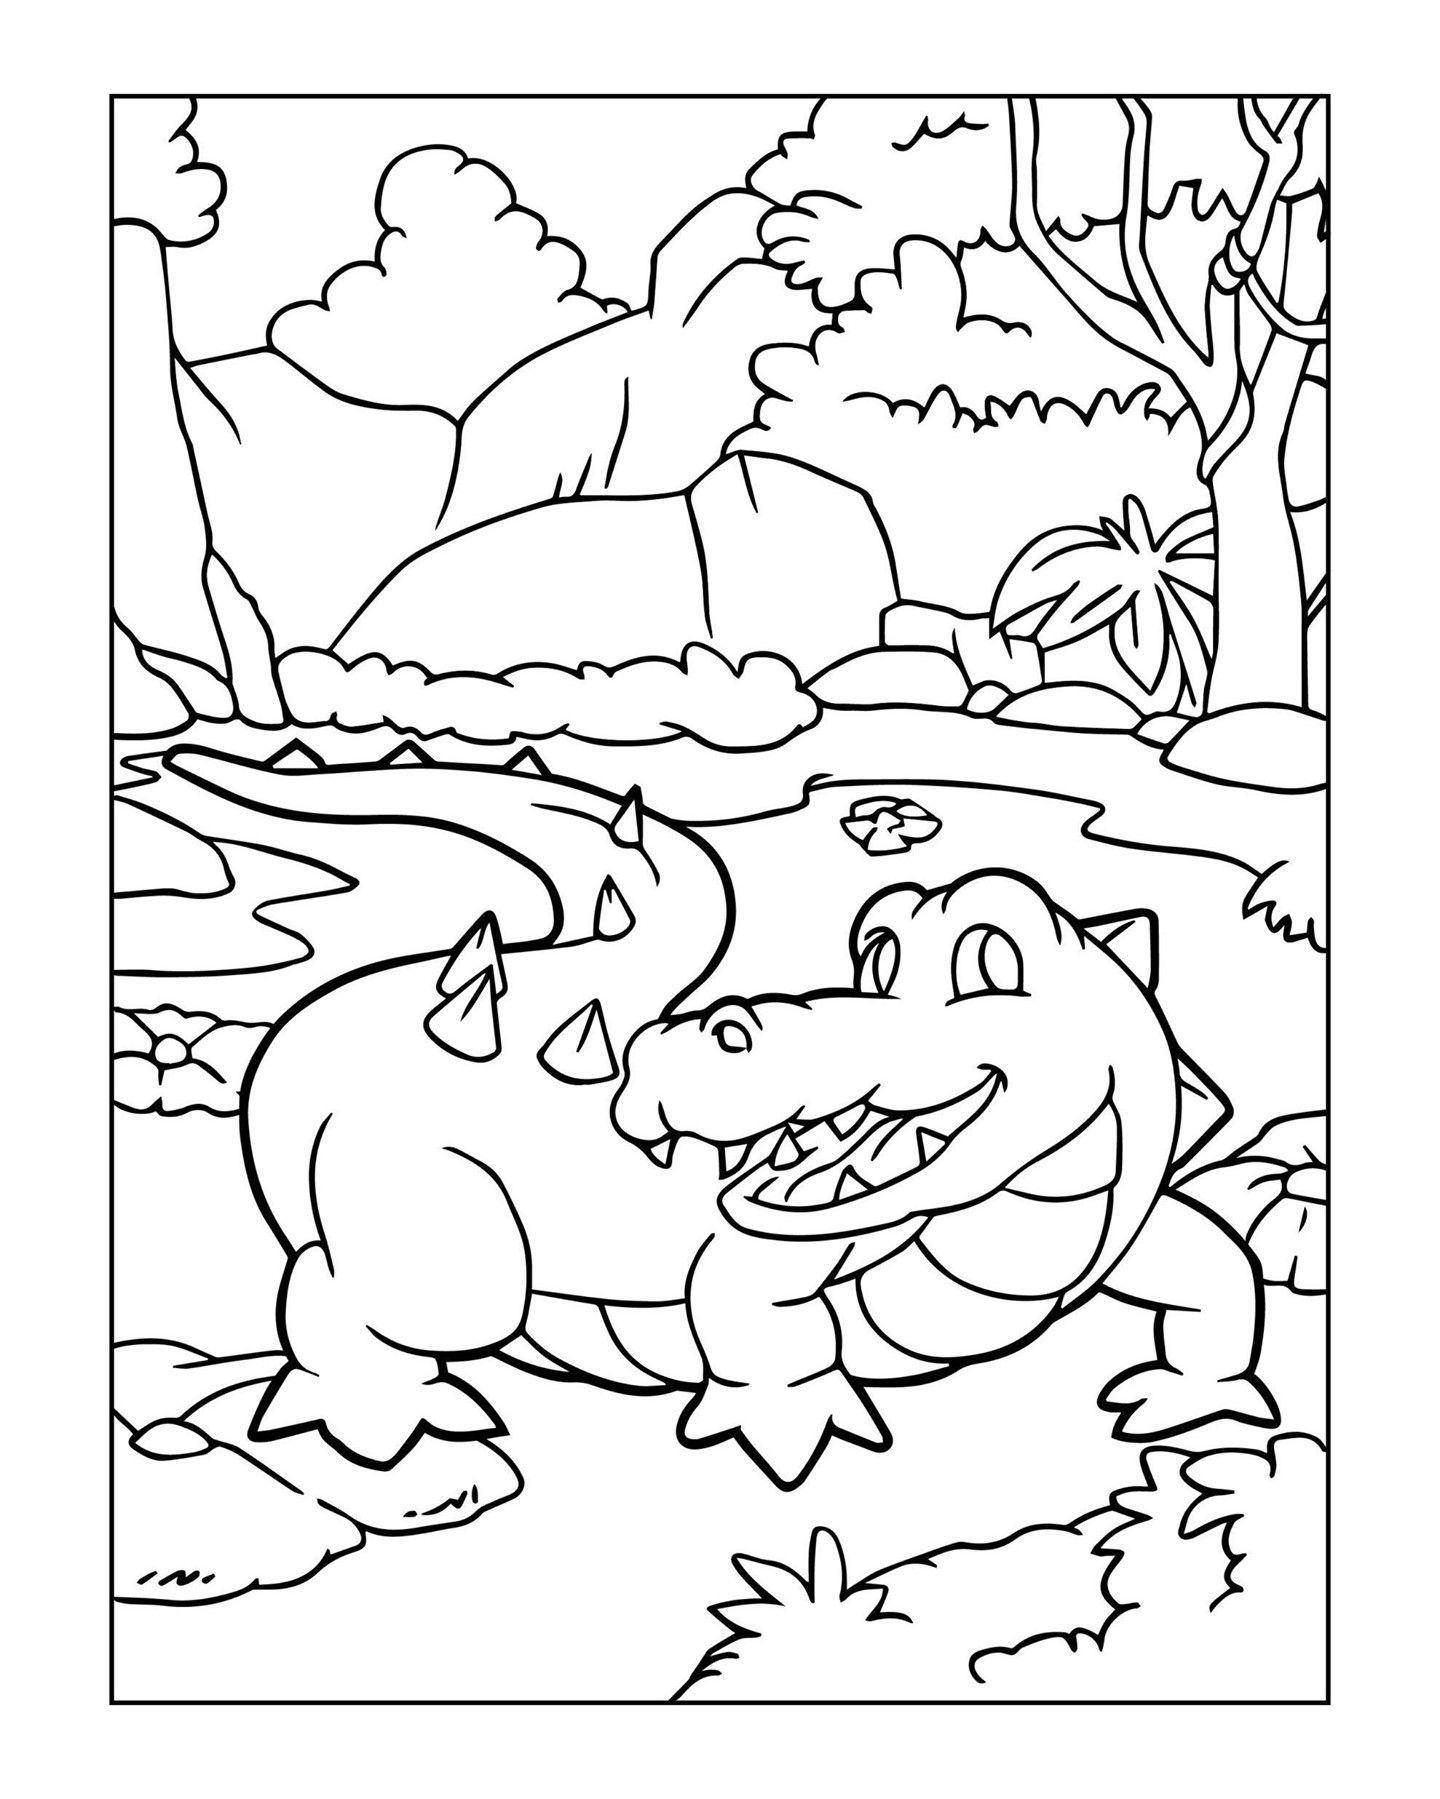 Zoo Animal Coloring Page 5 Zoo Animal Coloring Pages Animal Coloring Pages Dolphin Coloring Pages [ 1799 x 1440 Pixel ]